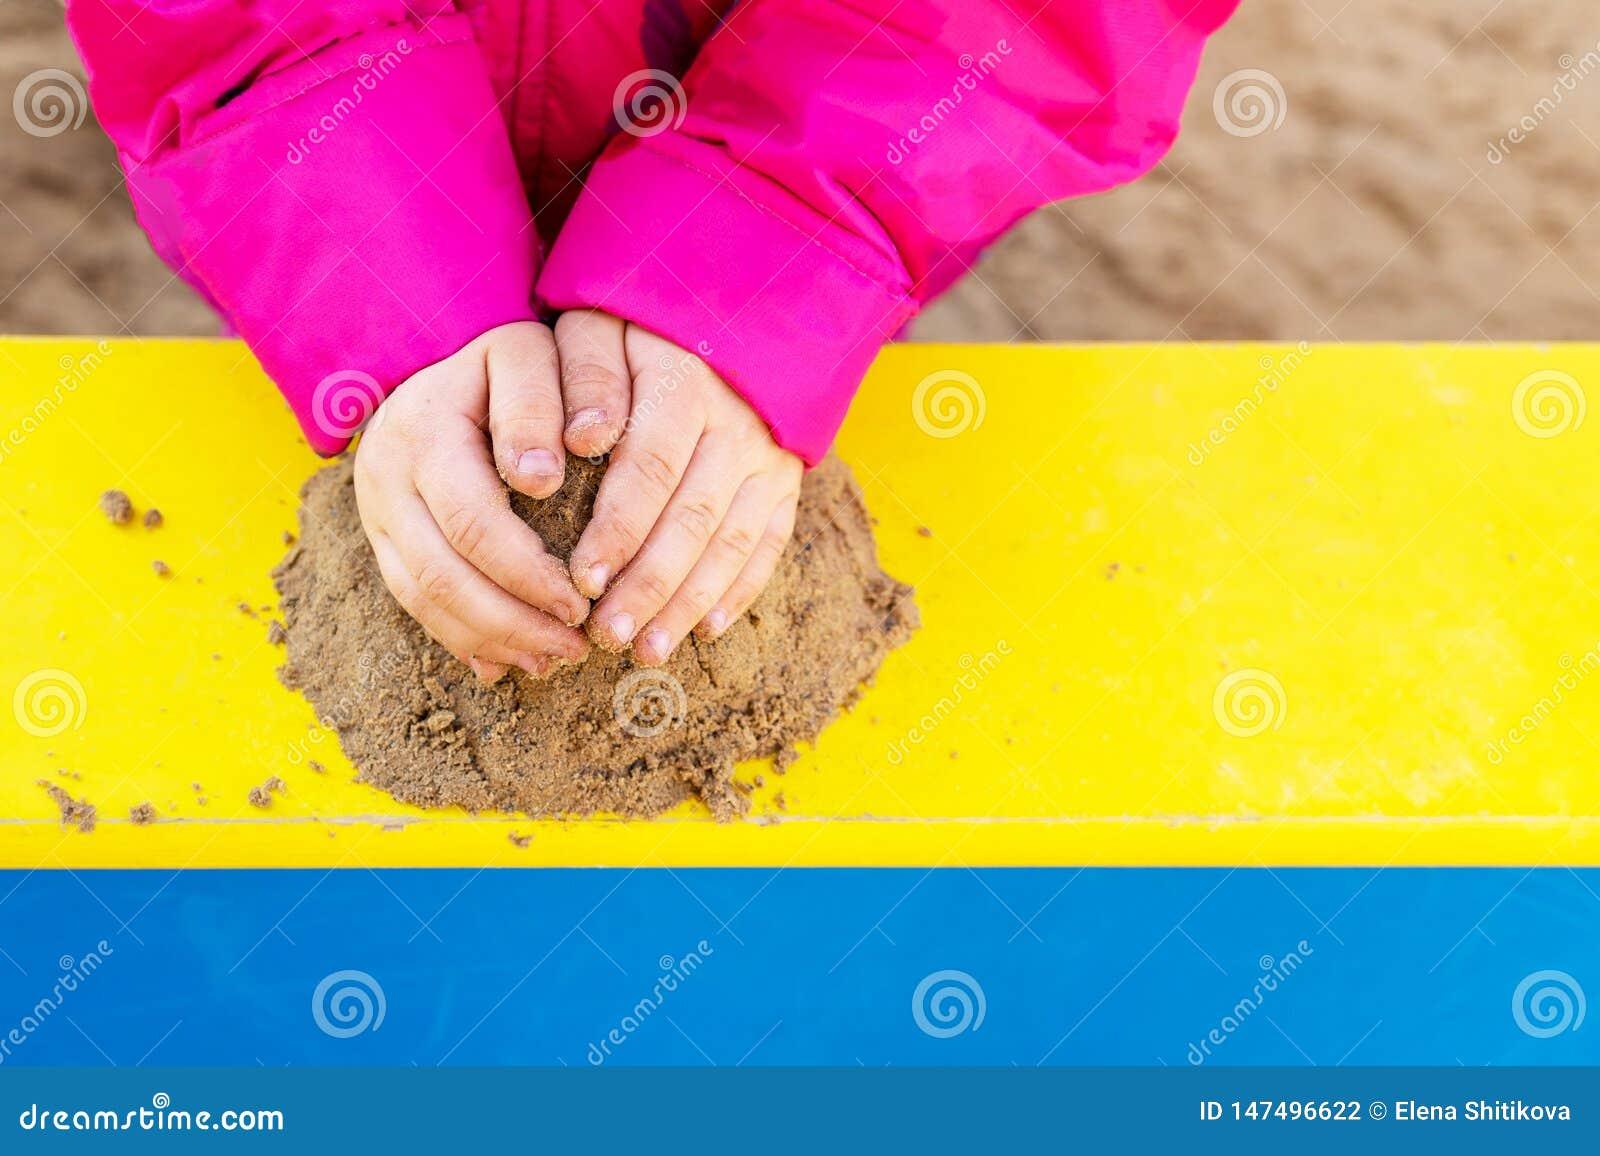 R?ki dziecko bawi? si? z piaskiem